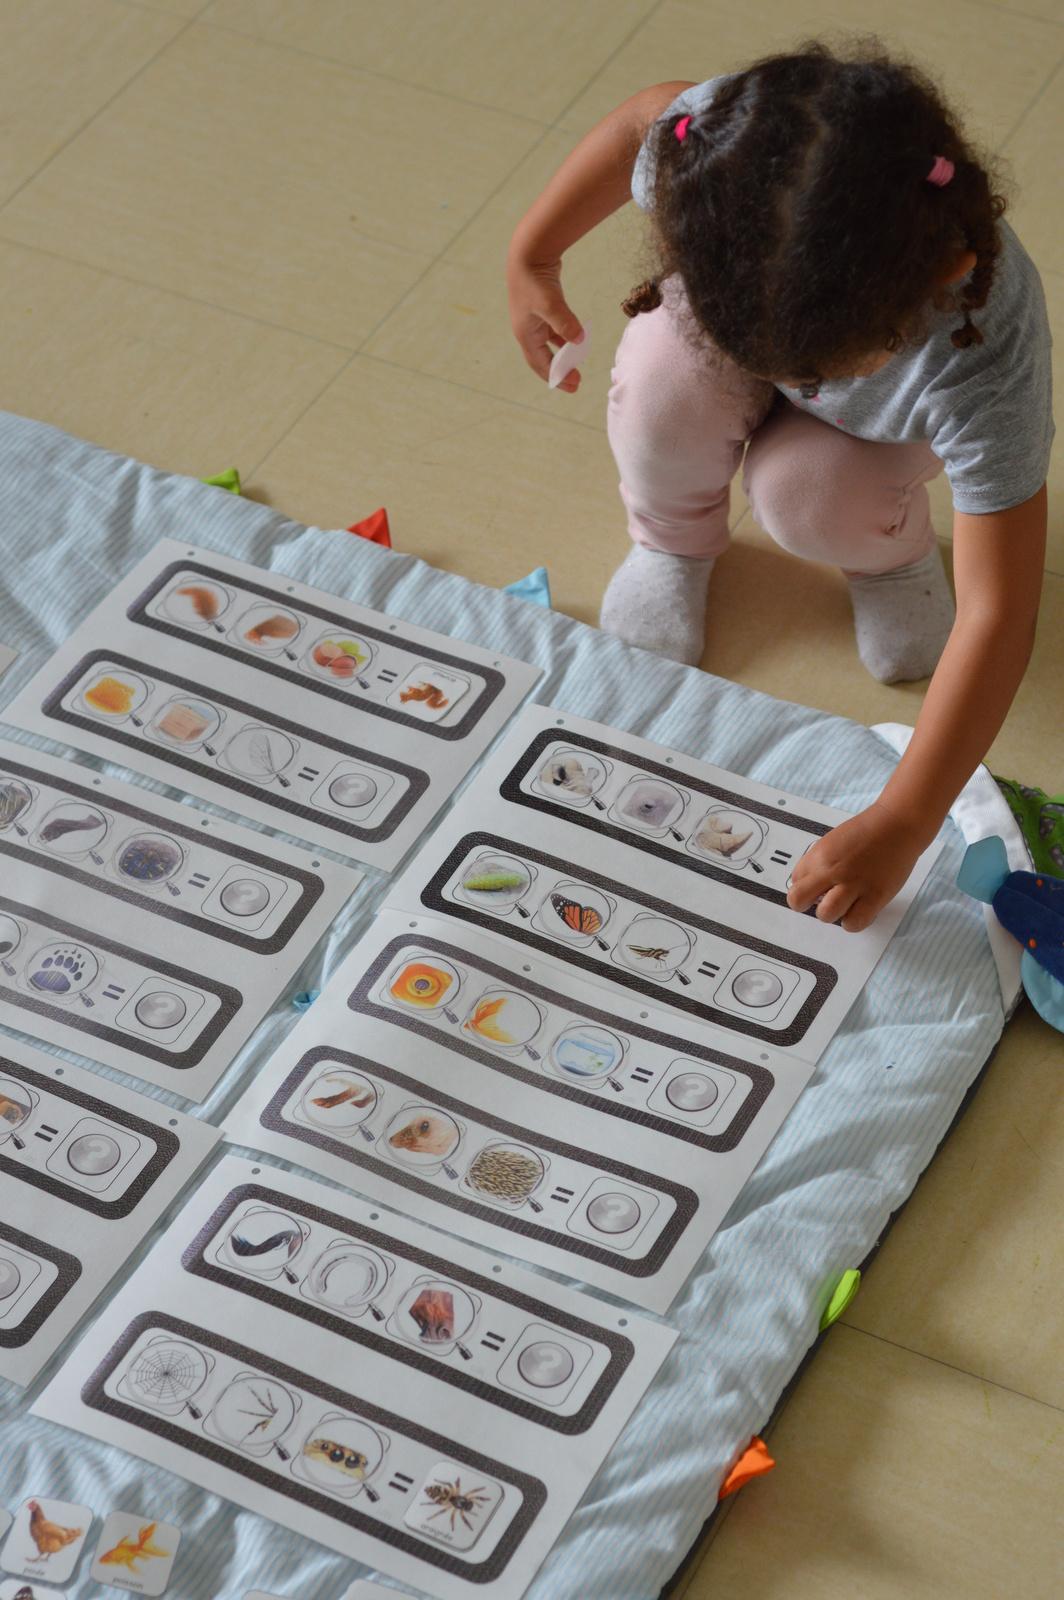 Jeux De Logique À Imprimer - Qui Suis-Je ? - Enfant Bébé Loisir intérieur Jeux De Logique Enfant